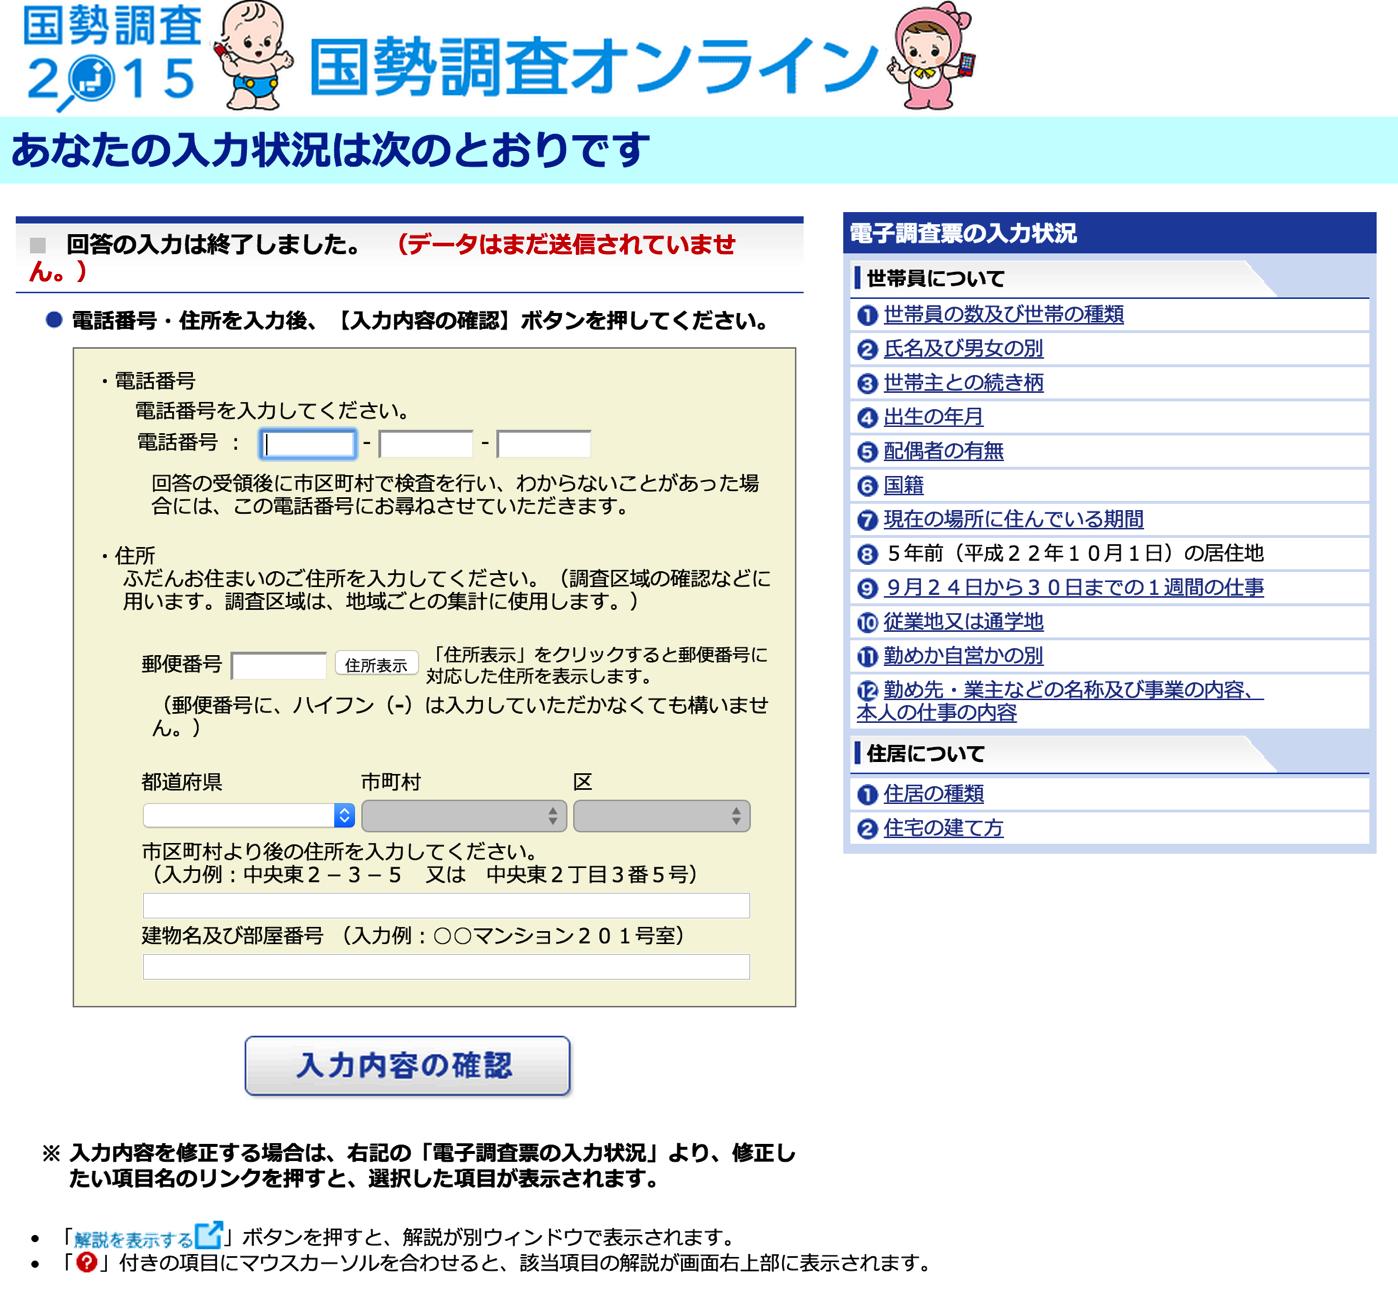 国勢調査-10